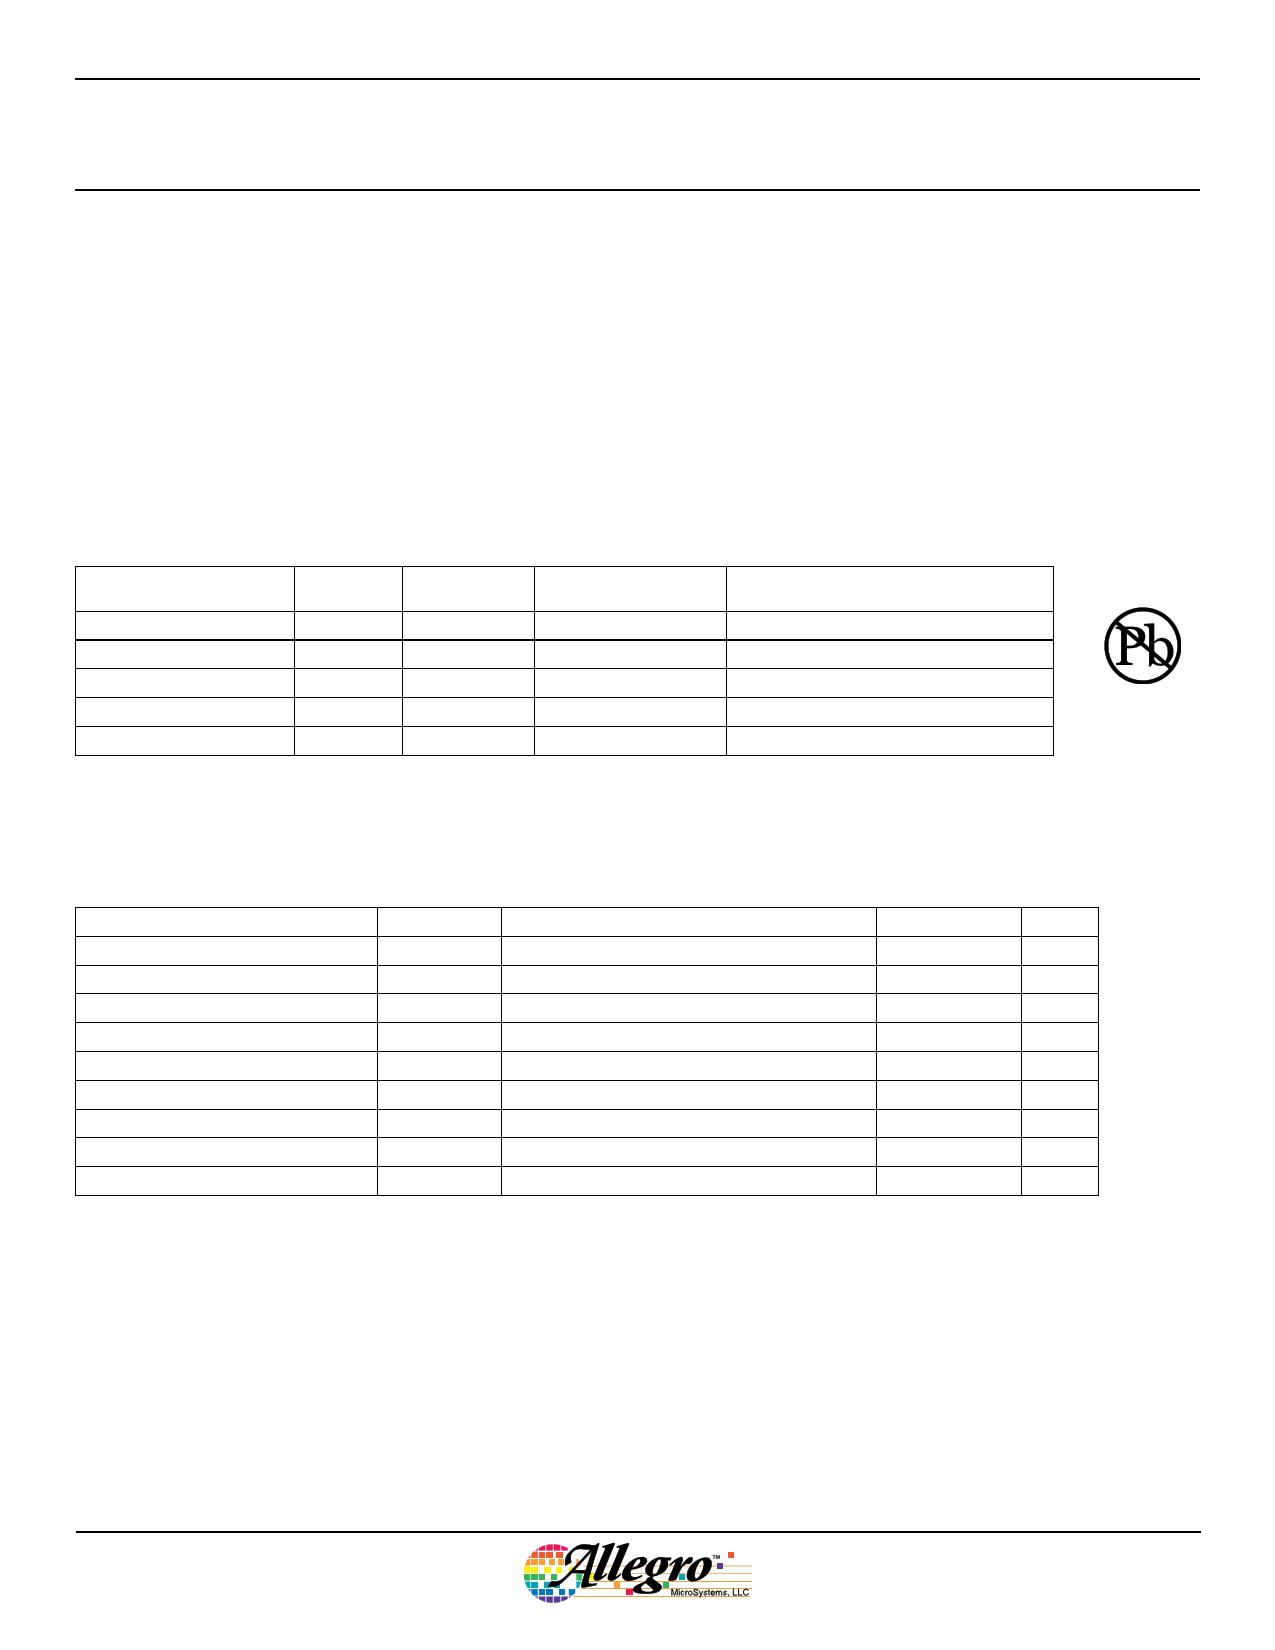 A1319 pdf, schematic